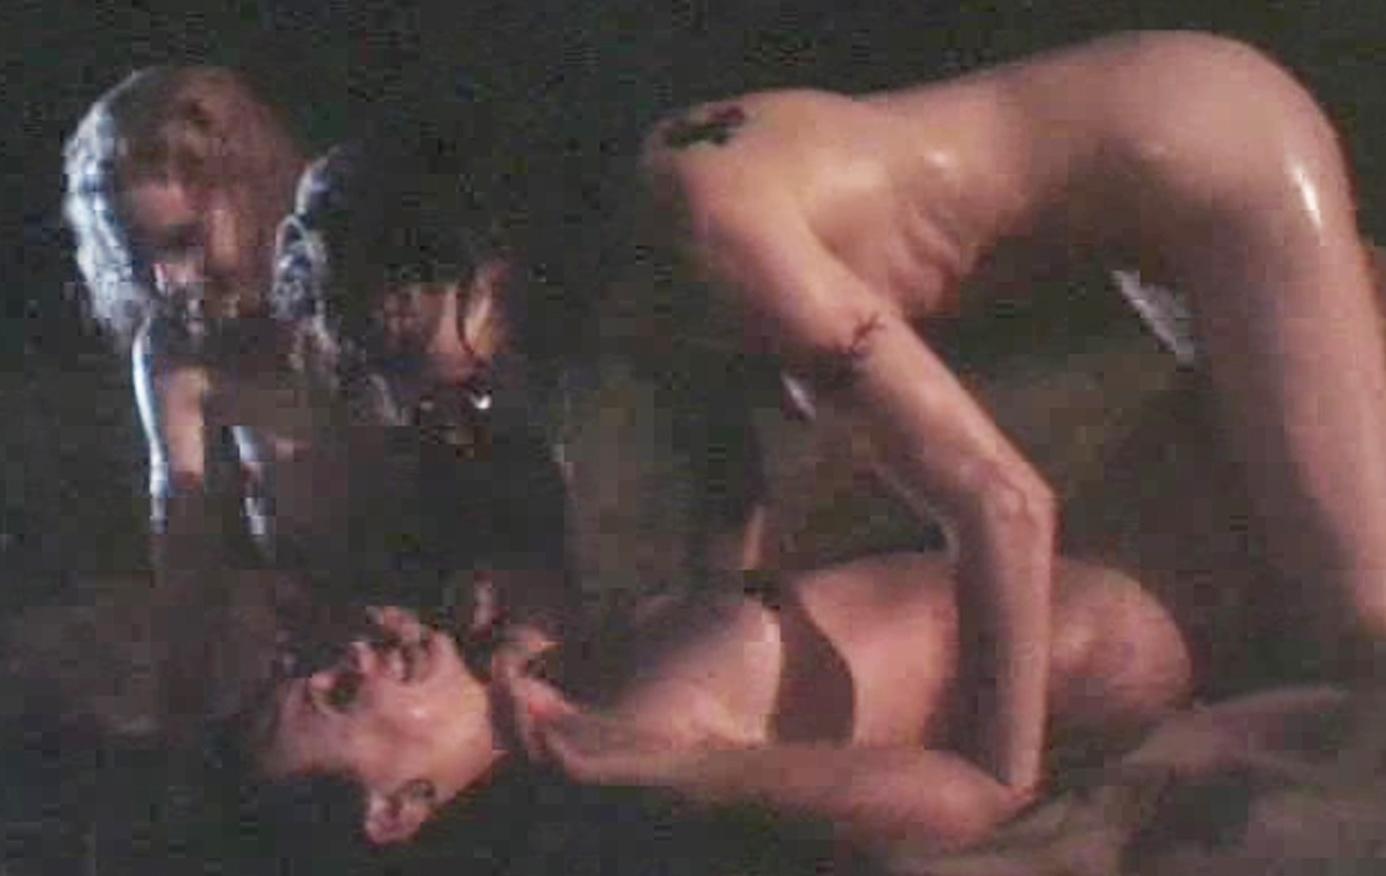 Cumshot 3d incest sexy movie